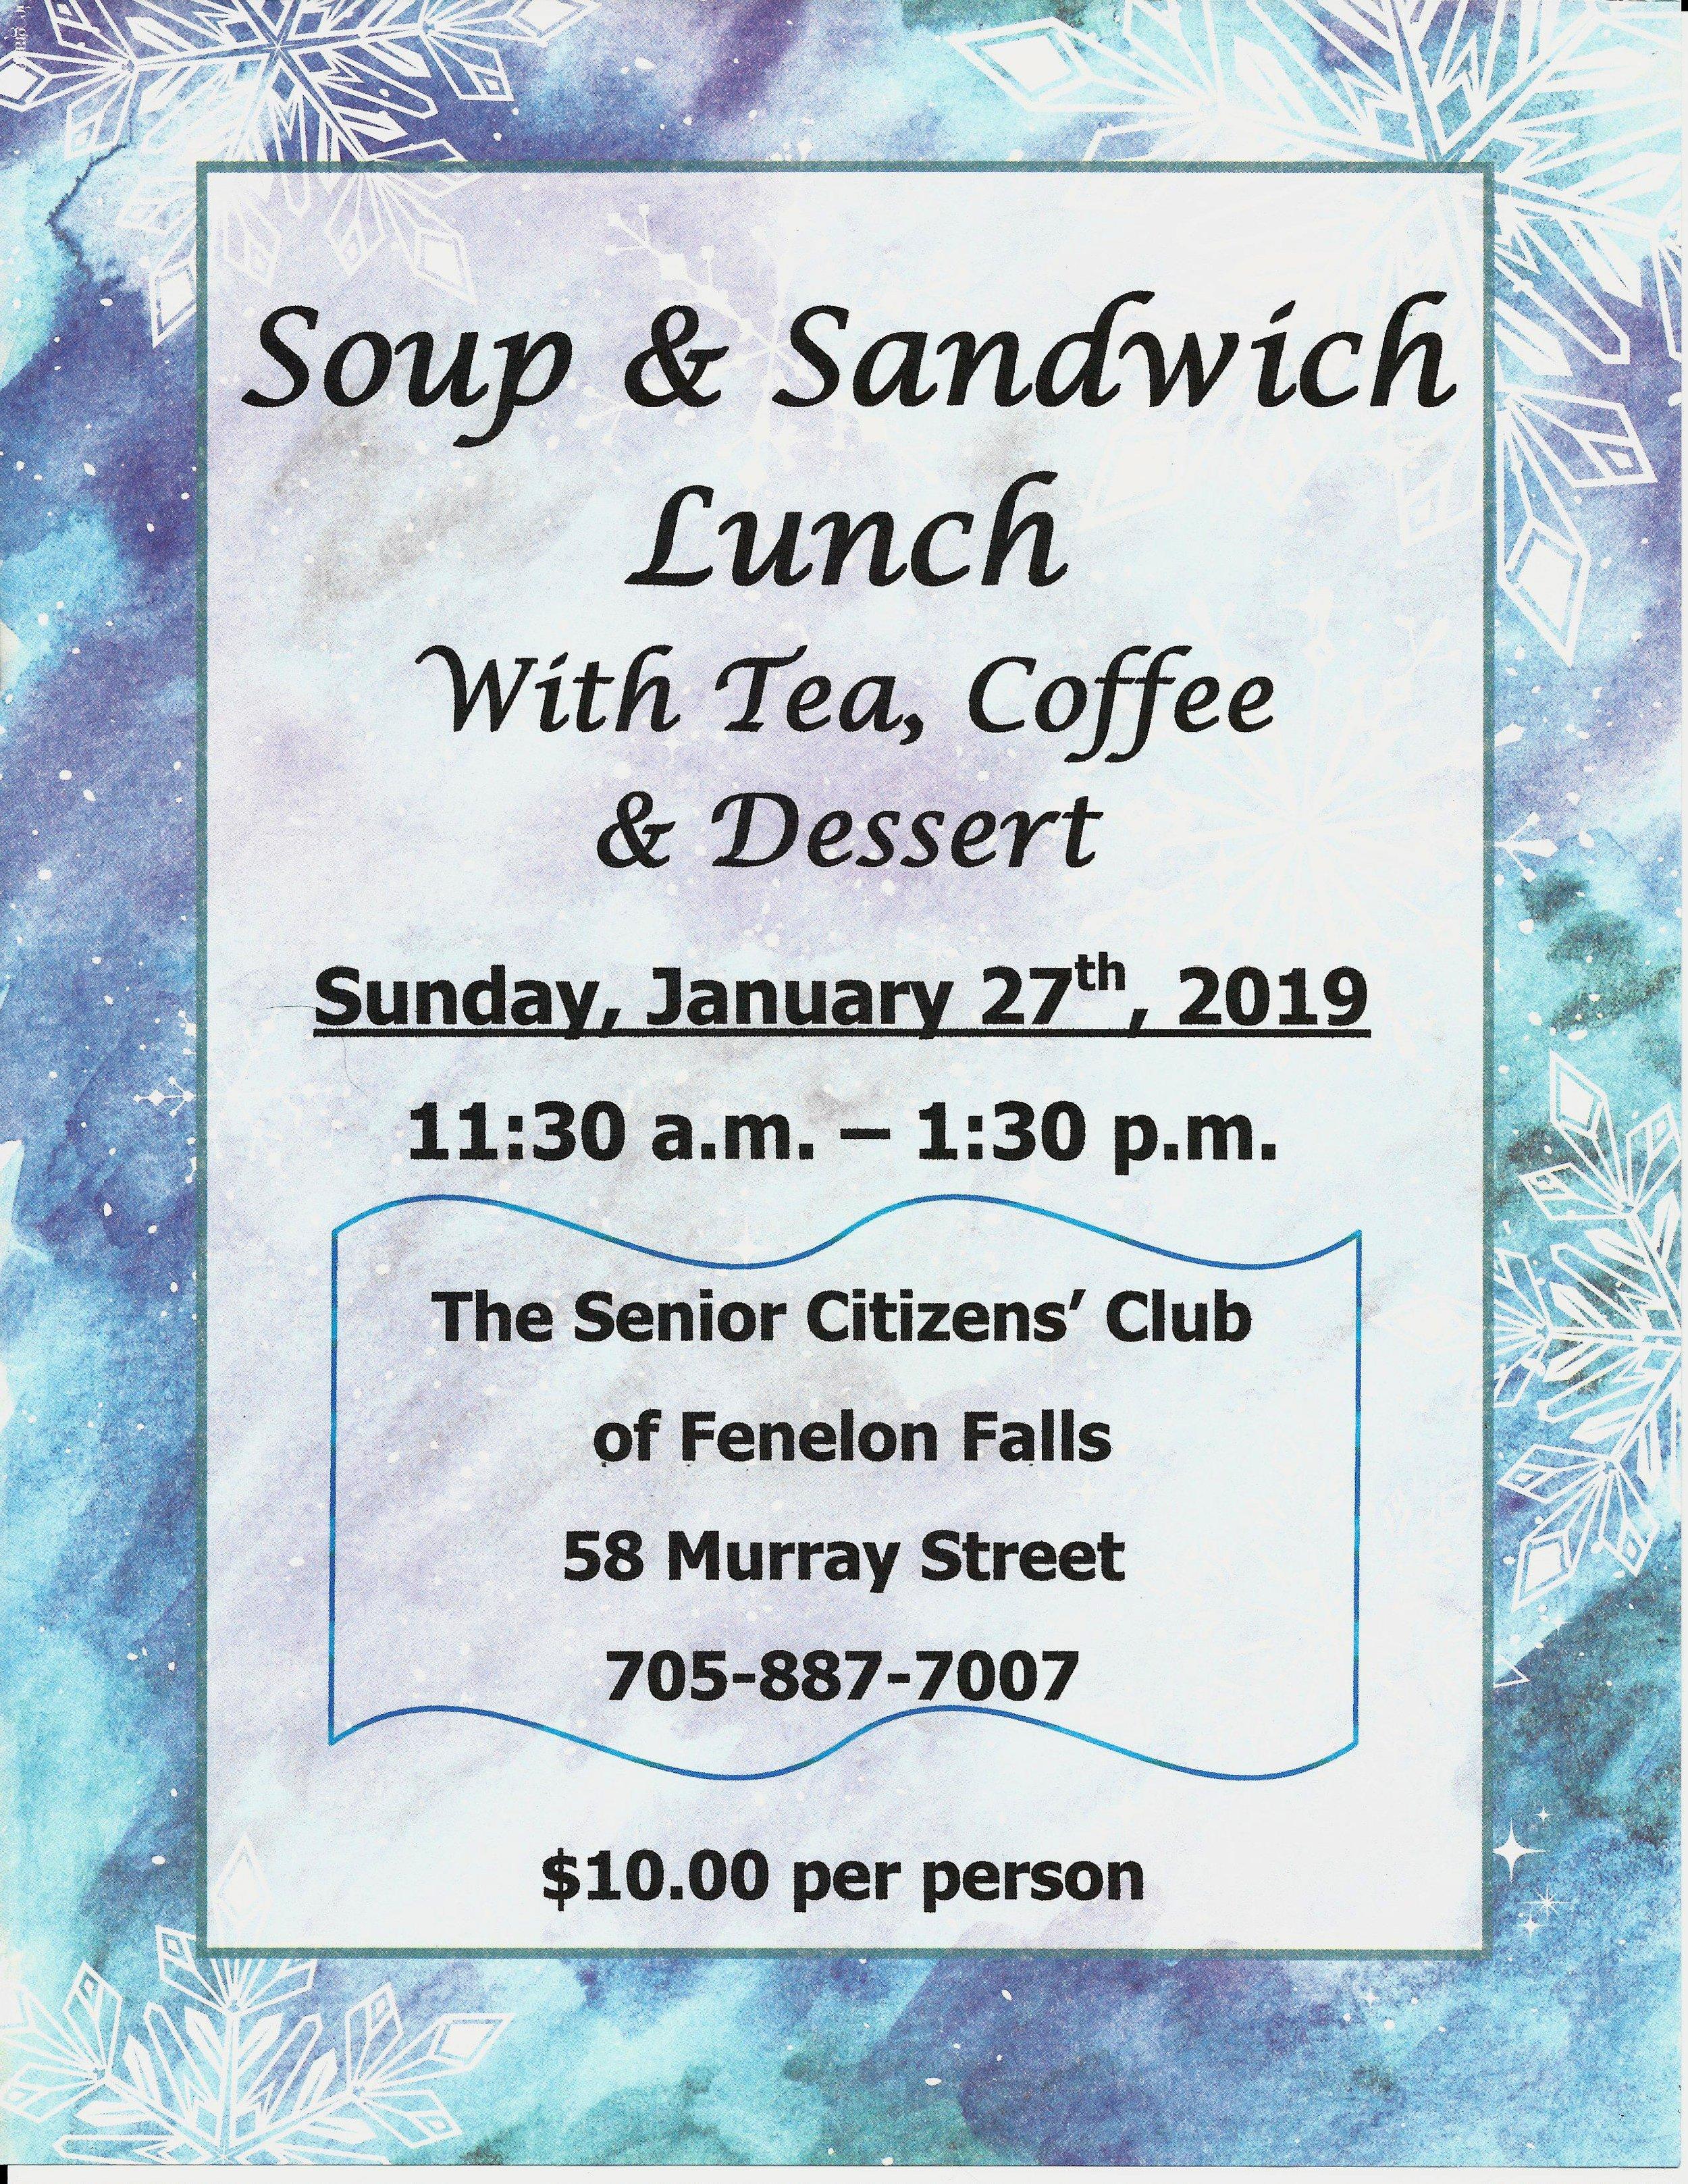 Soup & Sandwich Lunch poster Jan 2019.jpg